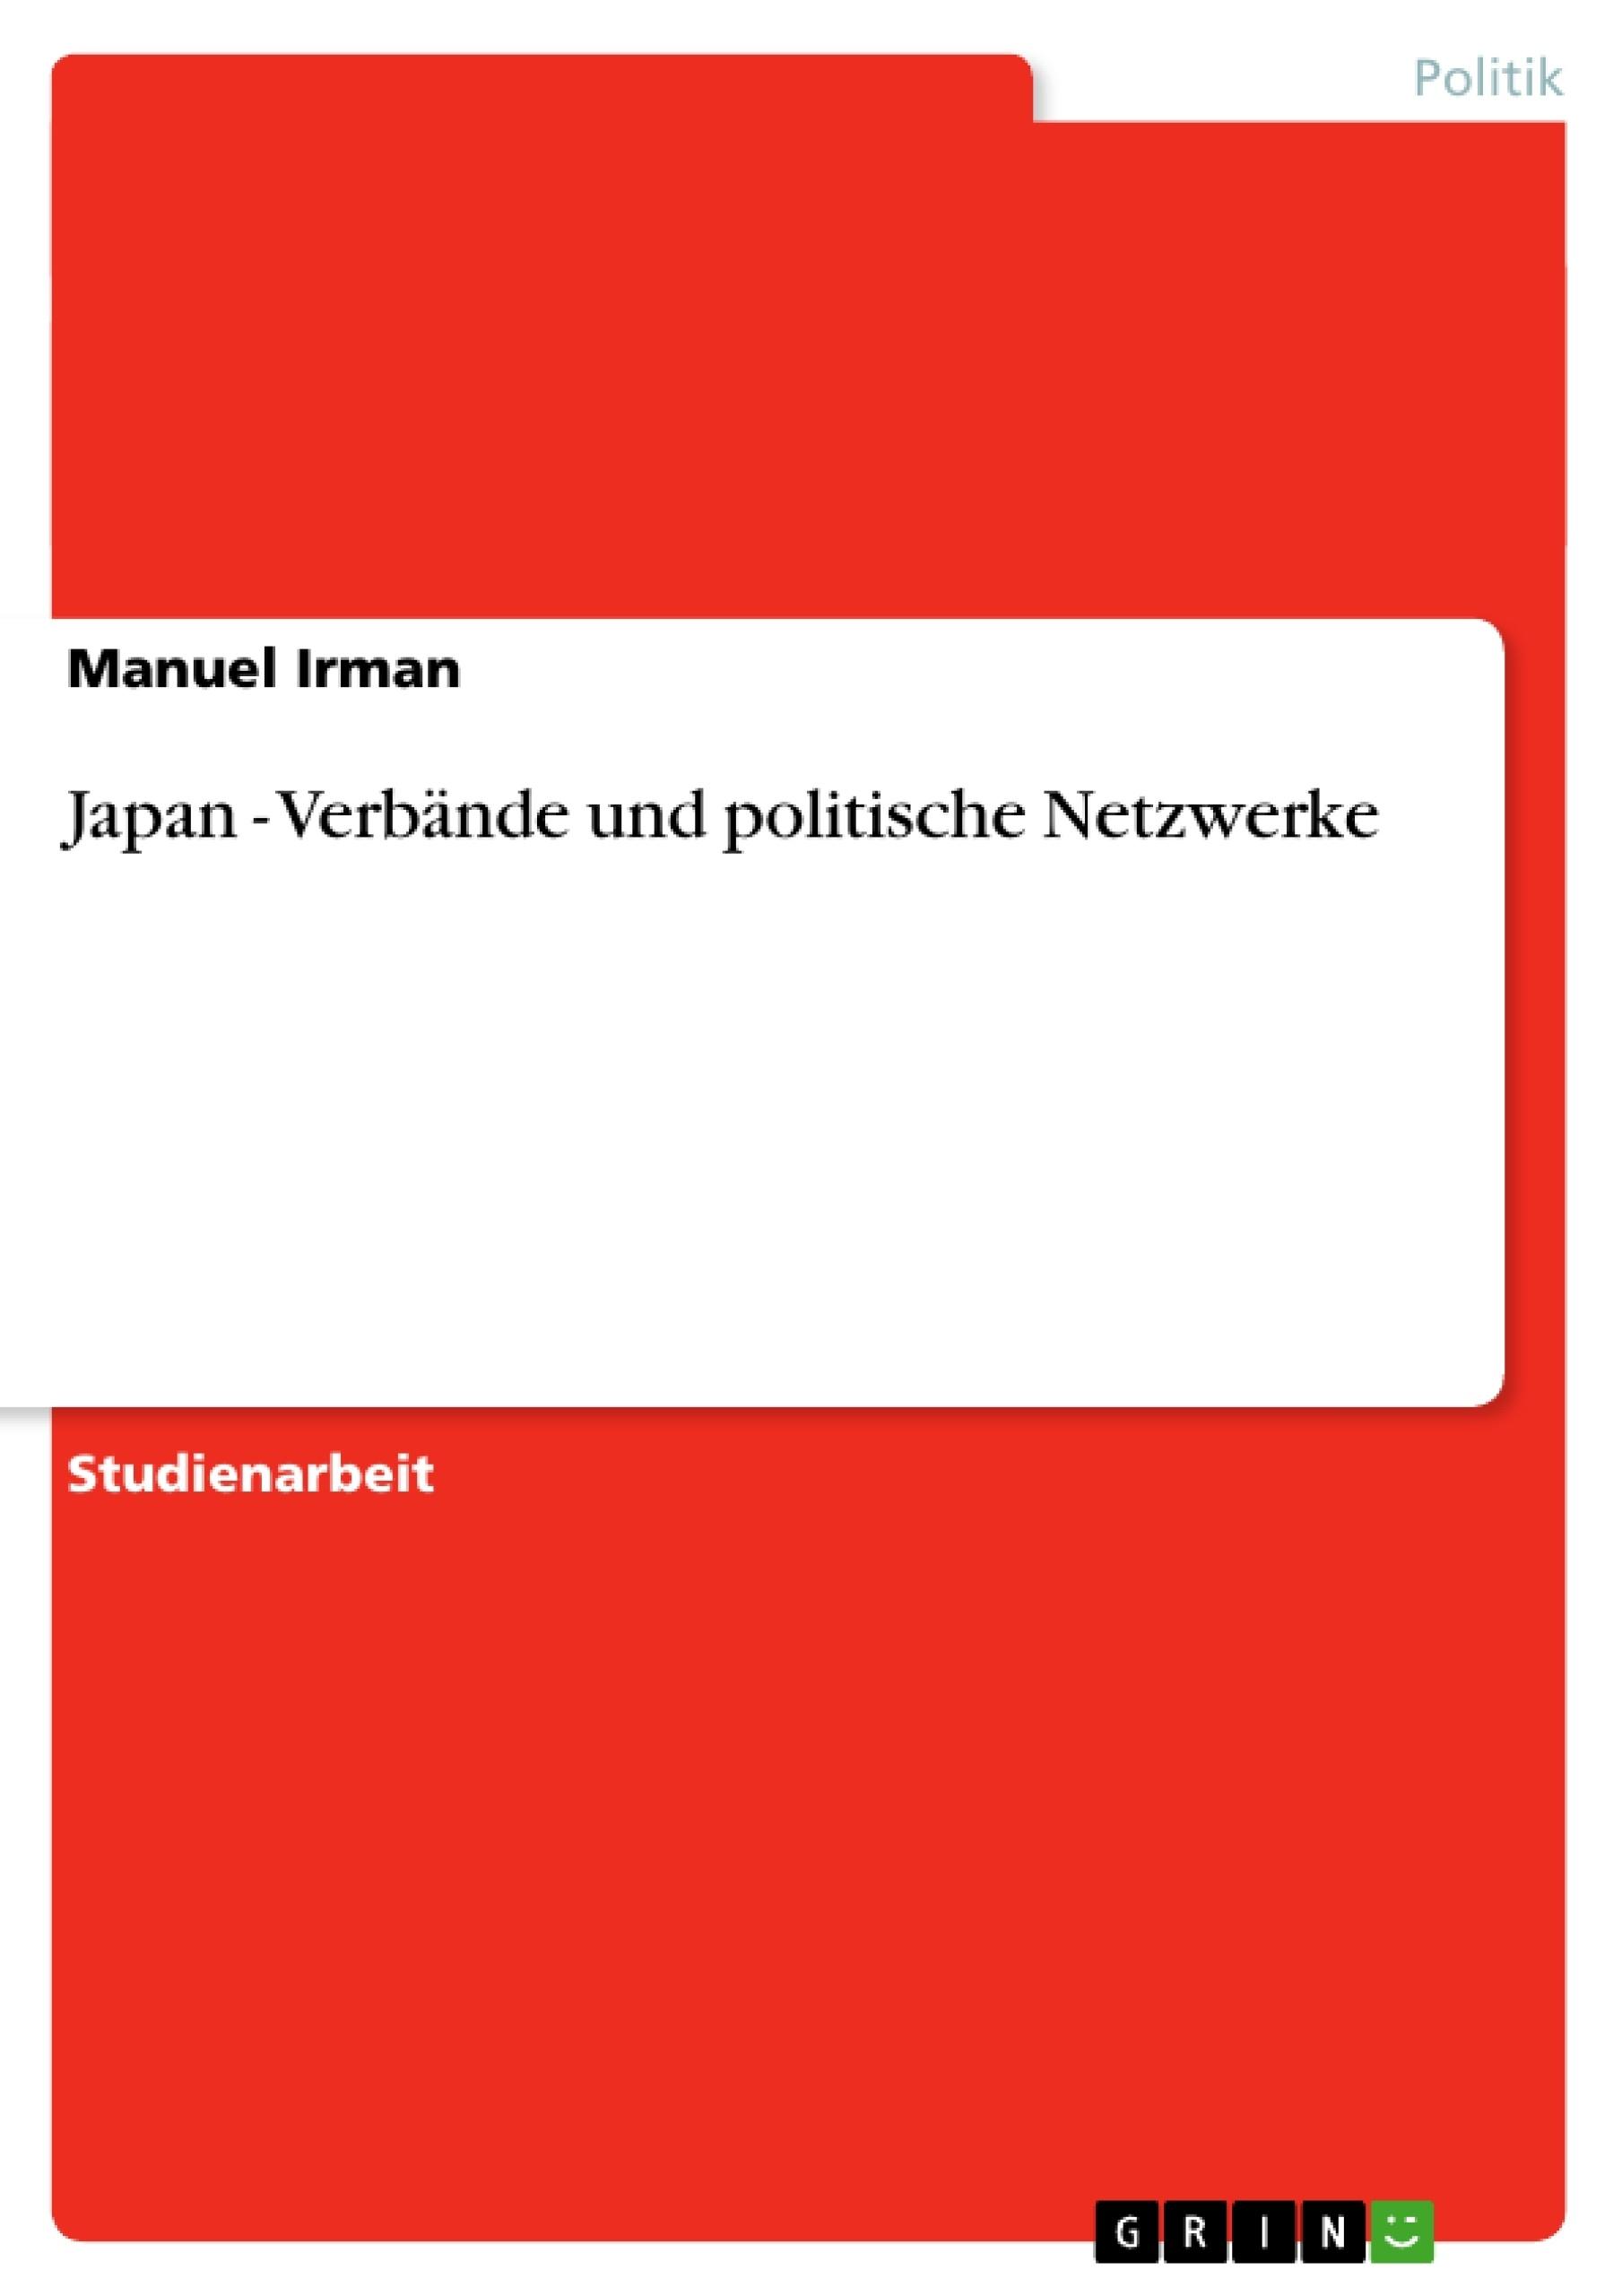 Titel: Japan - Verbände und politische Netzwerke